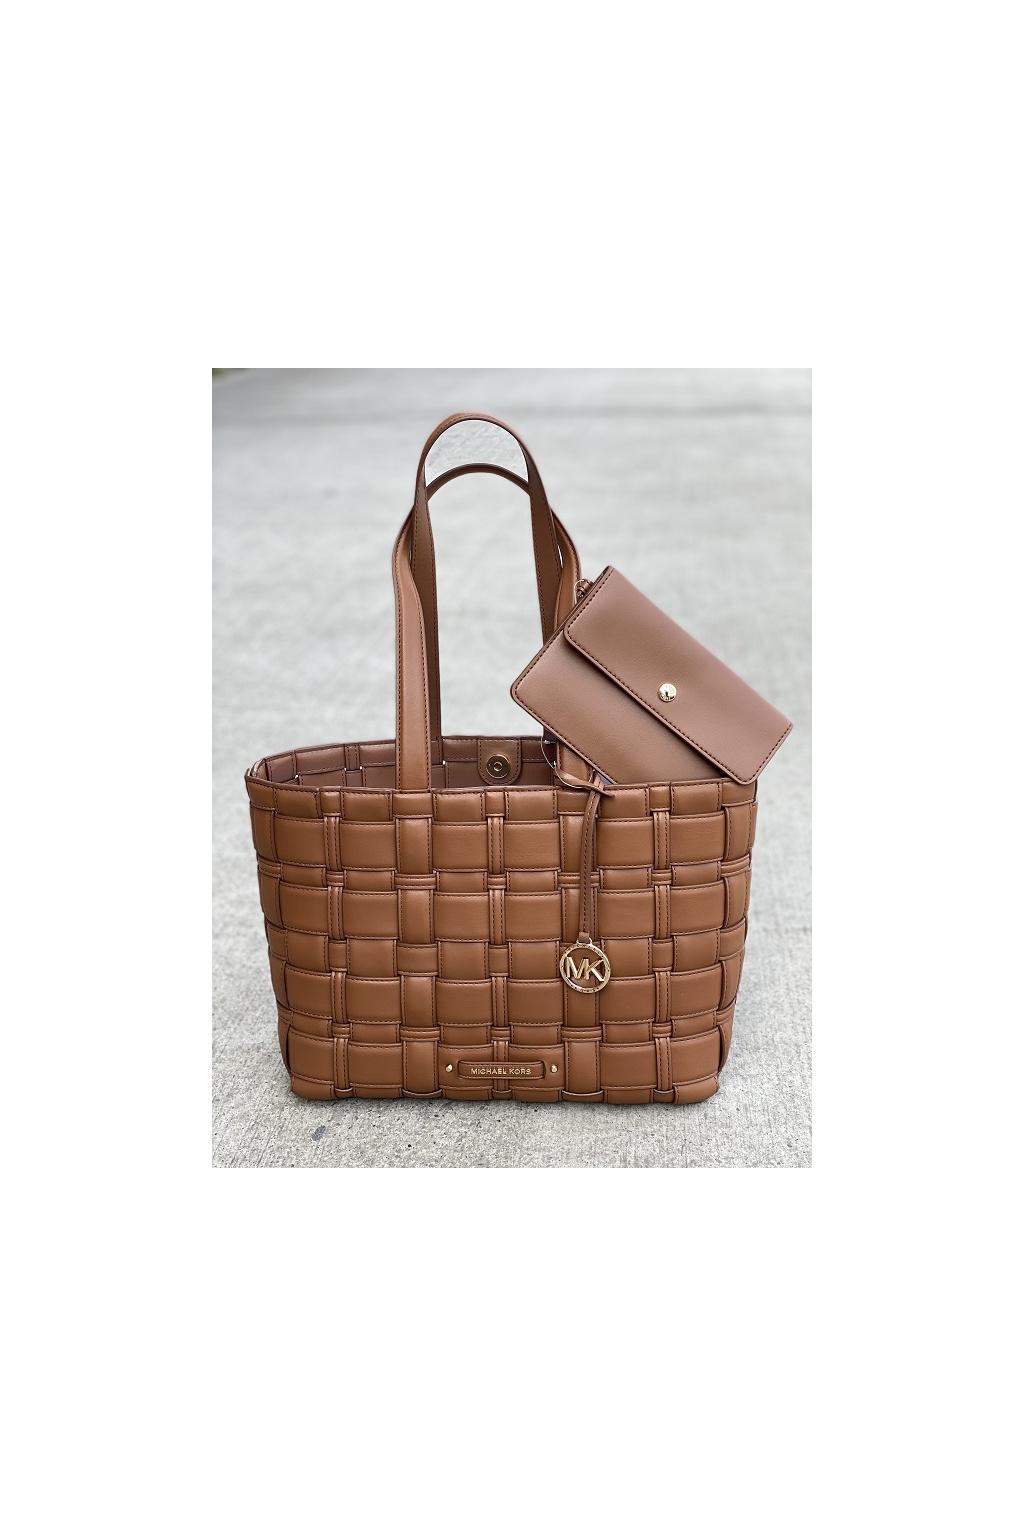 Dámská kabelka Michael Kors Ivy Medium Tote Bag 30S1G2IT2U hnědá 4